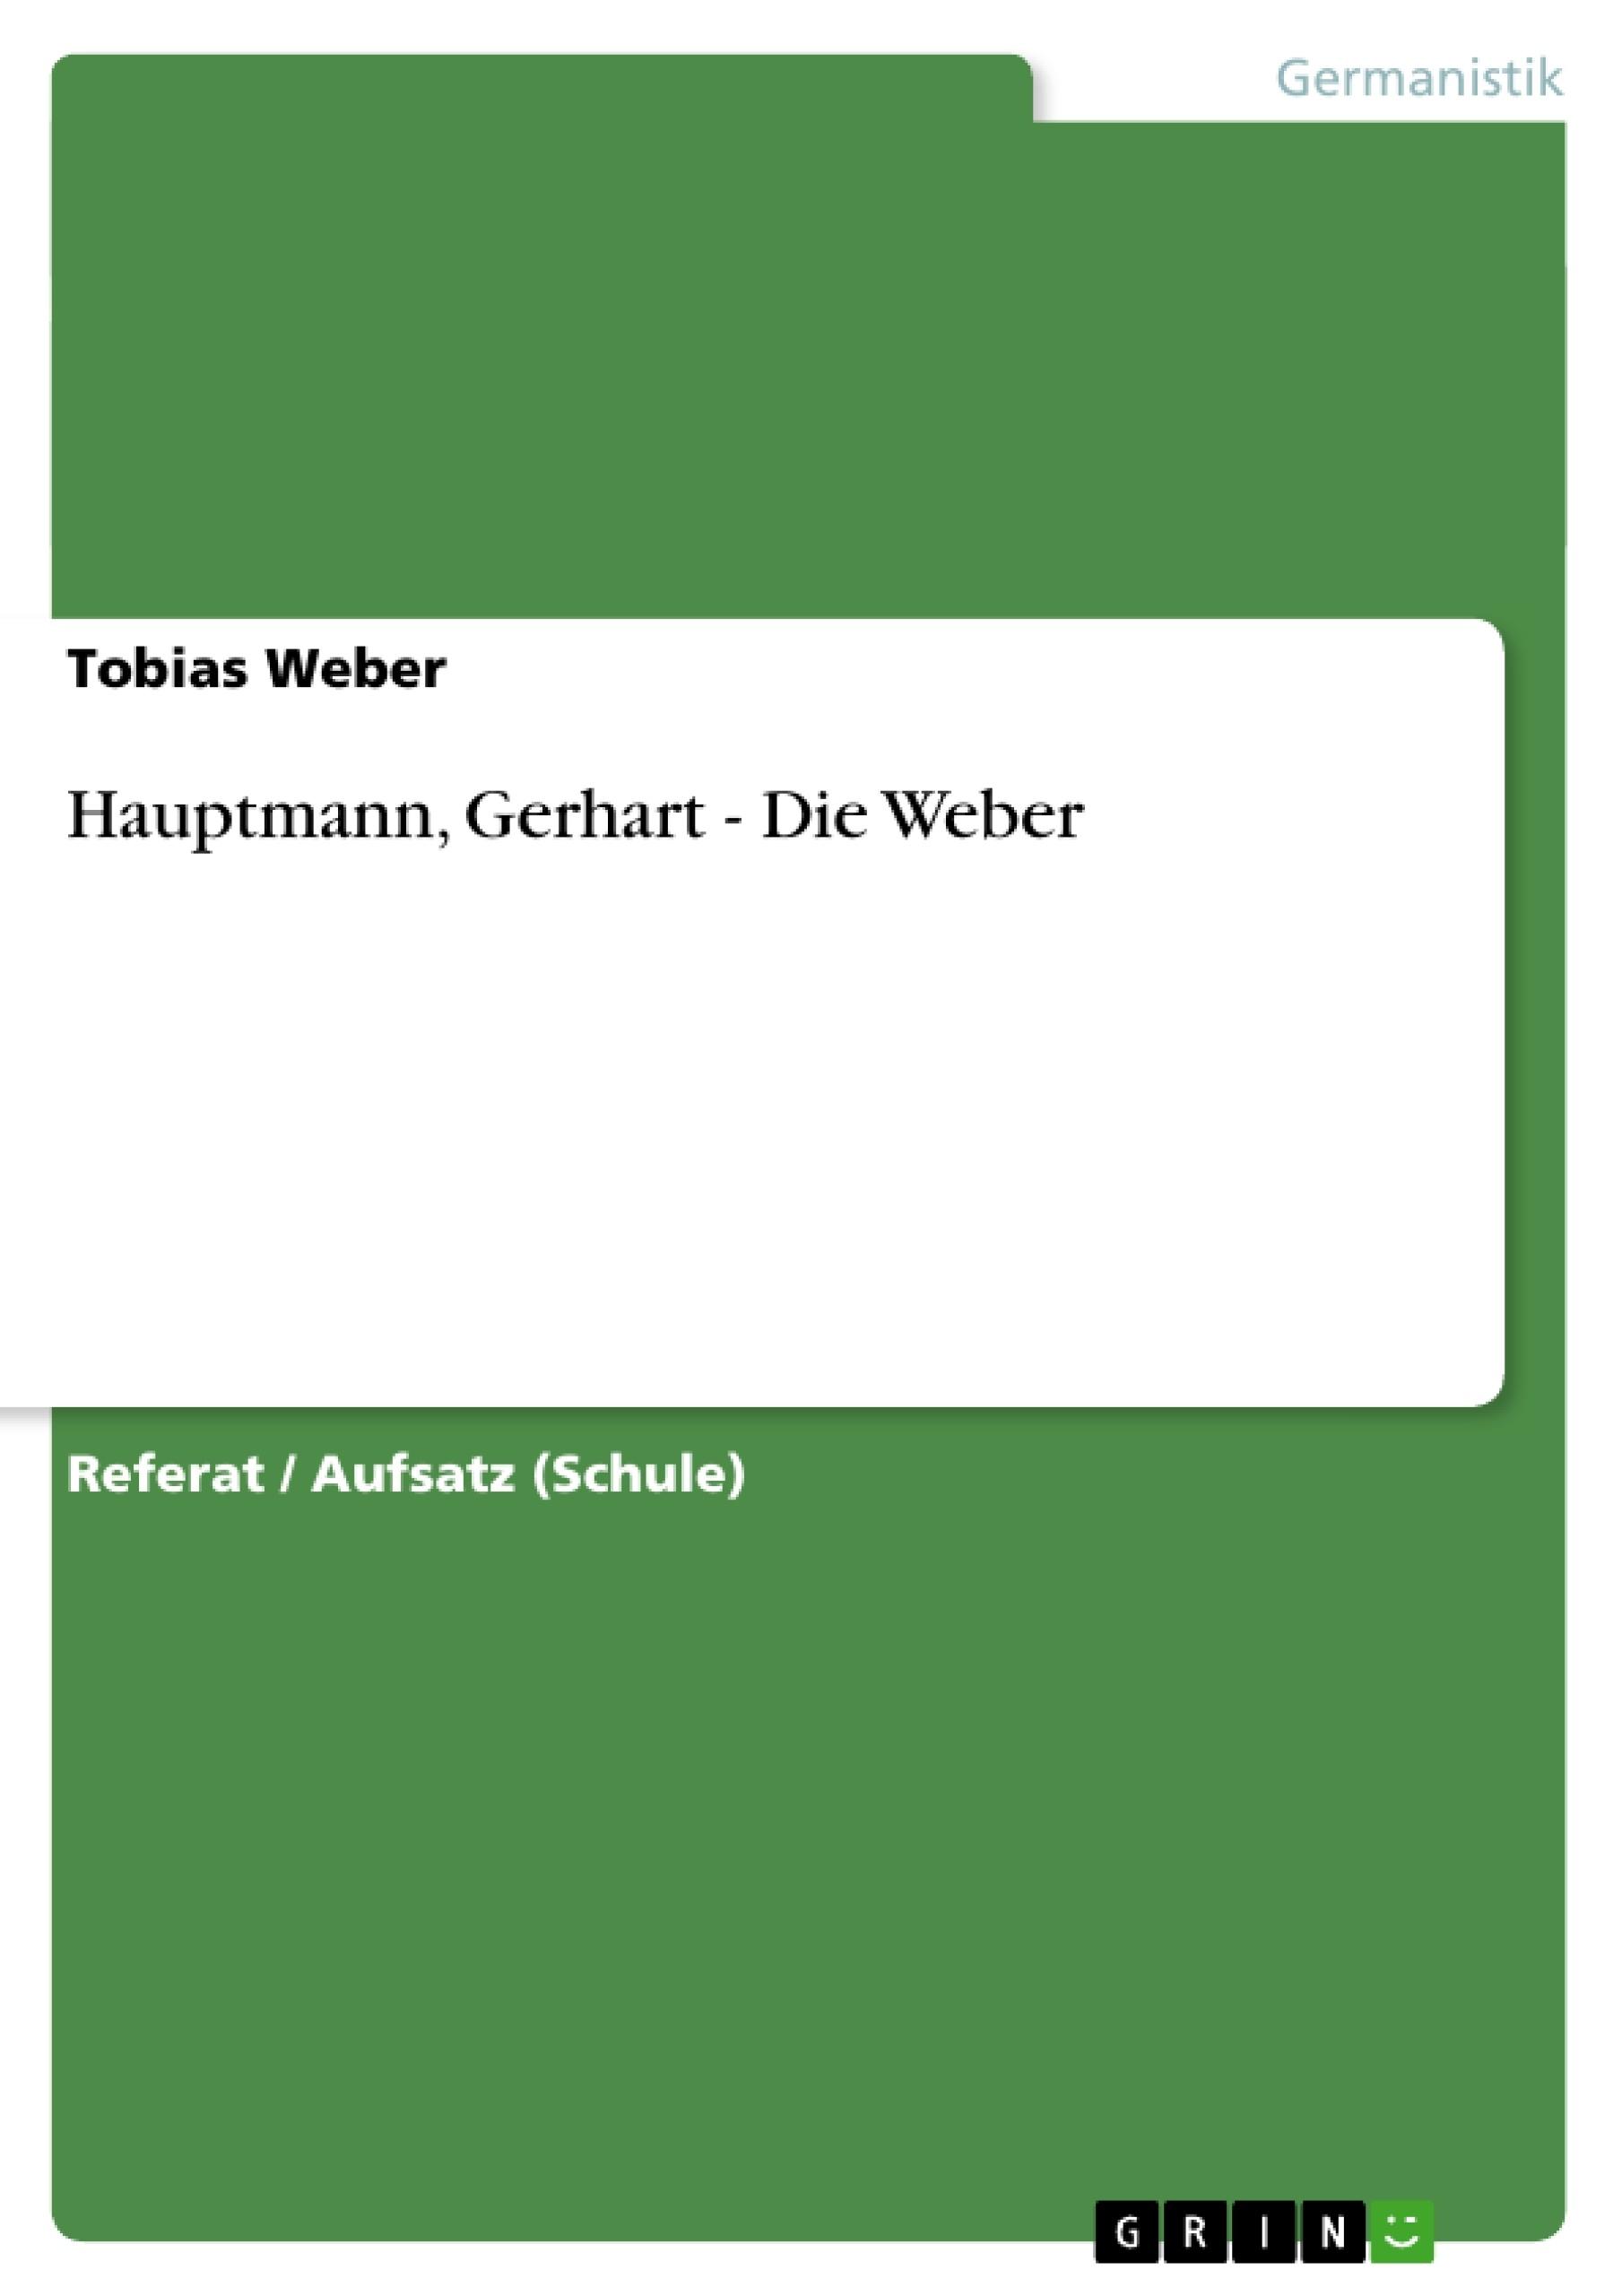 Titel: Hauptmann, Gerhart - Die Weber